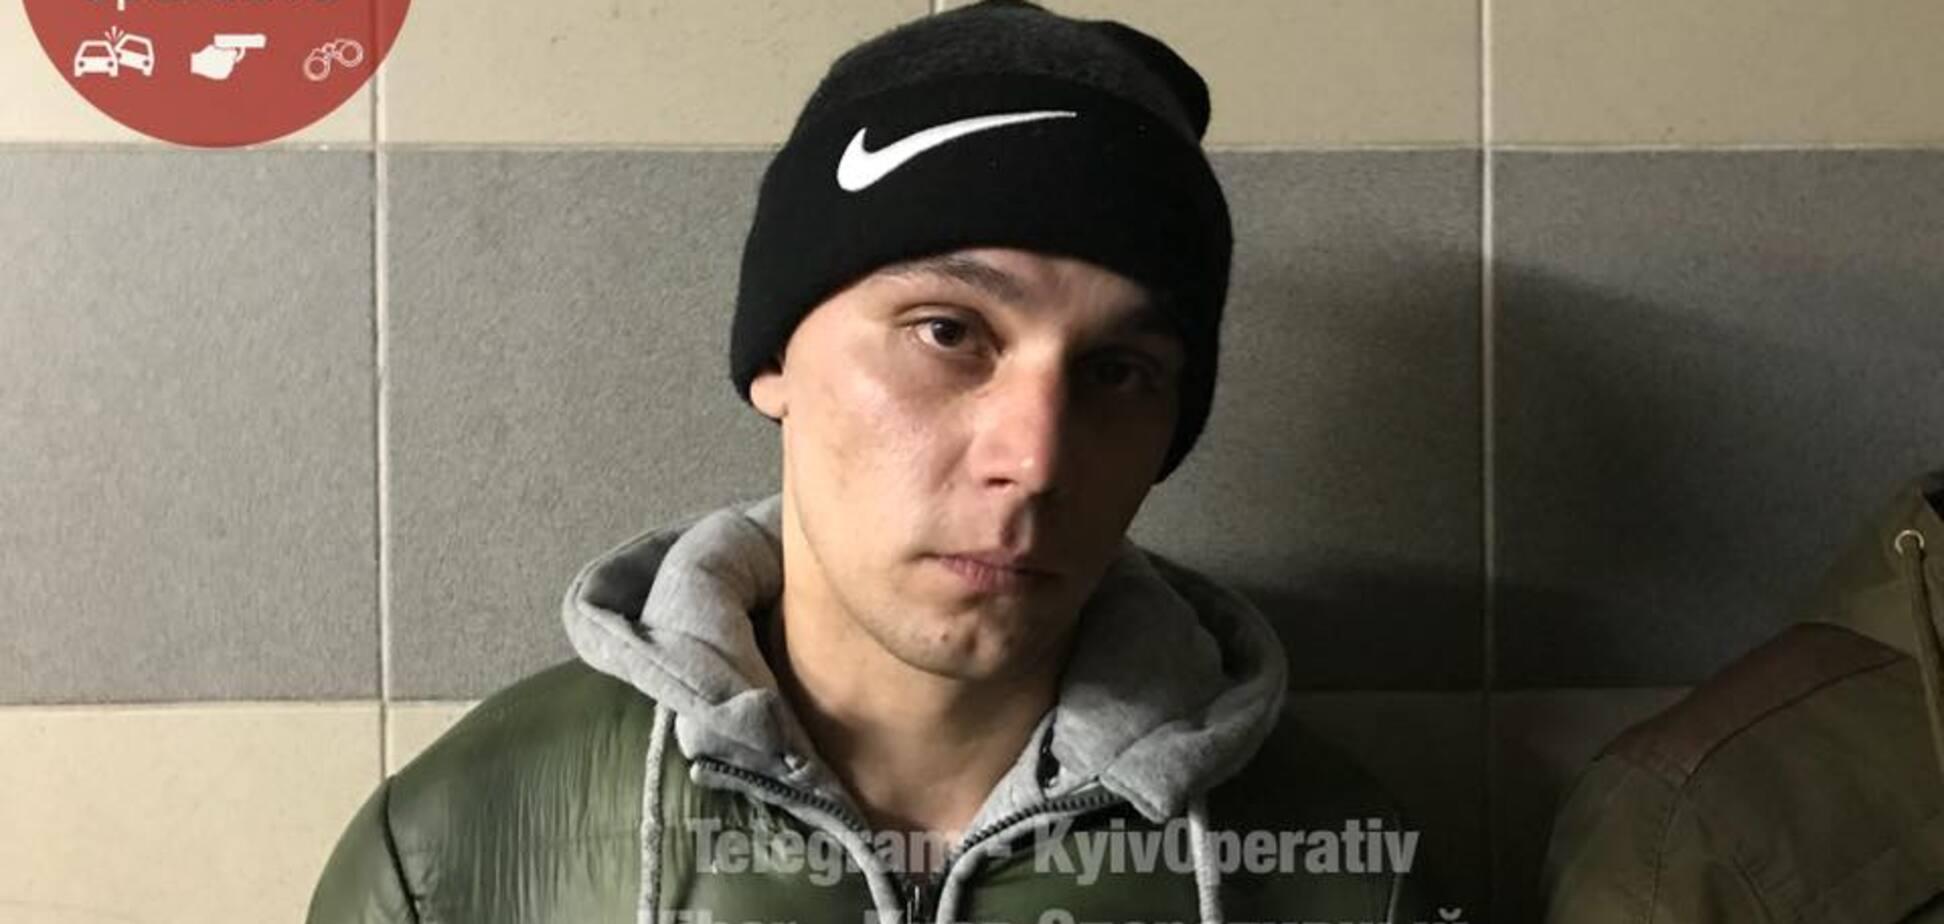 Решили 'подзаработать': в Киеве солдаты ВСУ попались на грабеже. Фото и видео